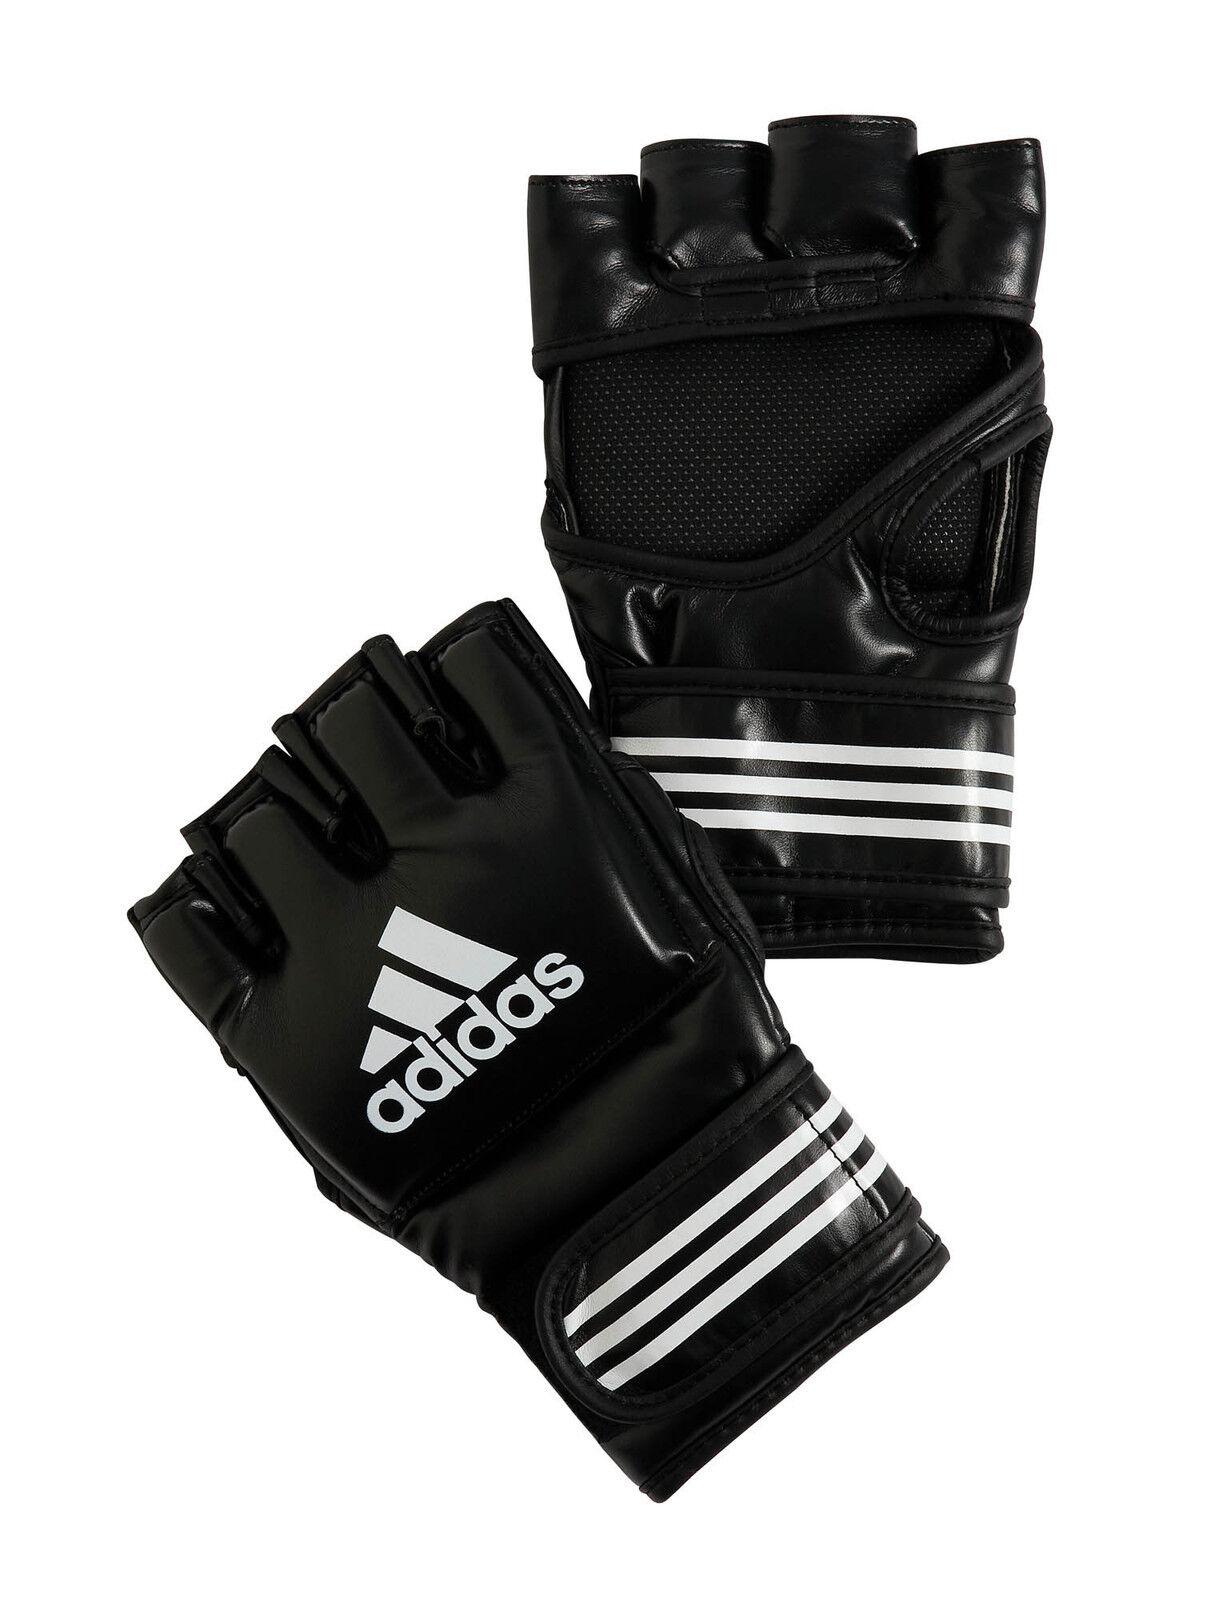 AKTION  adidas MMA Training Handschuh PU ADICSG05, Grappling Glove, Freefight    Attraktiv Und Langlebig    Ab dem neuesten Modell    Exzellente Verarbeitung